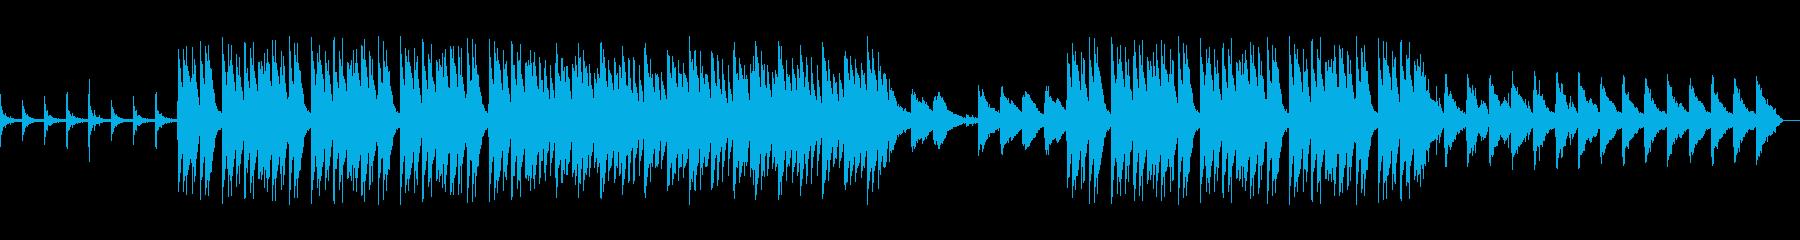 【リズム抜】アングラなHIPHOPの再生済みの波形